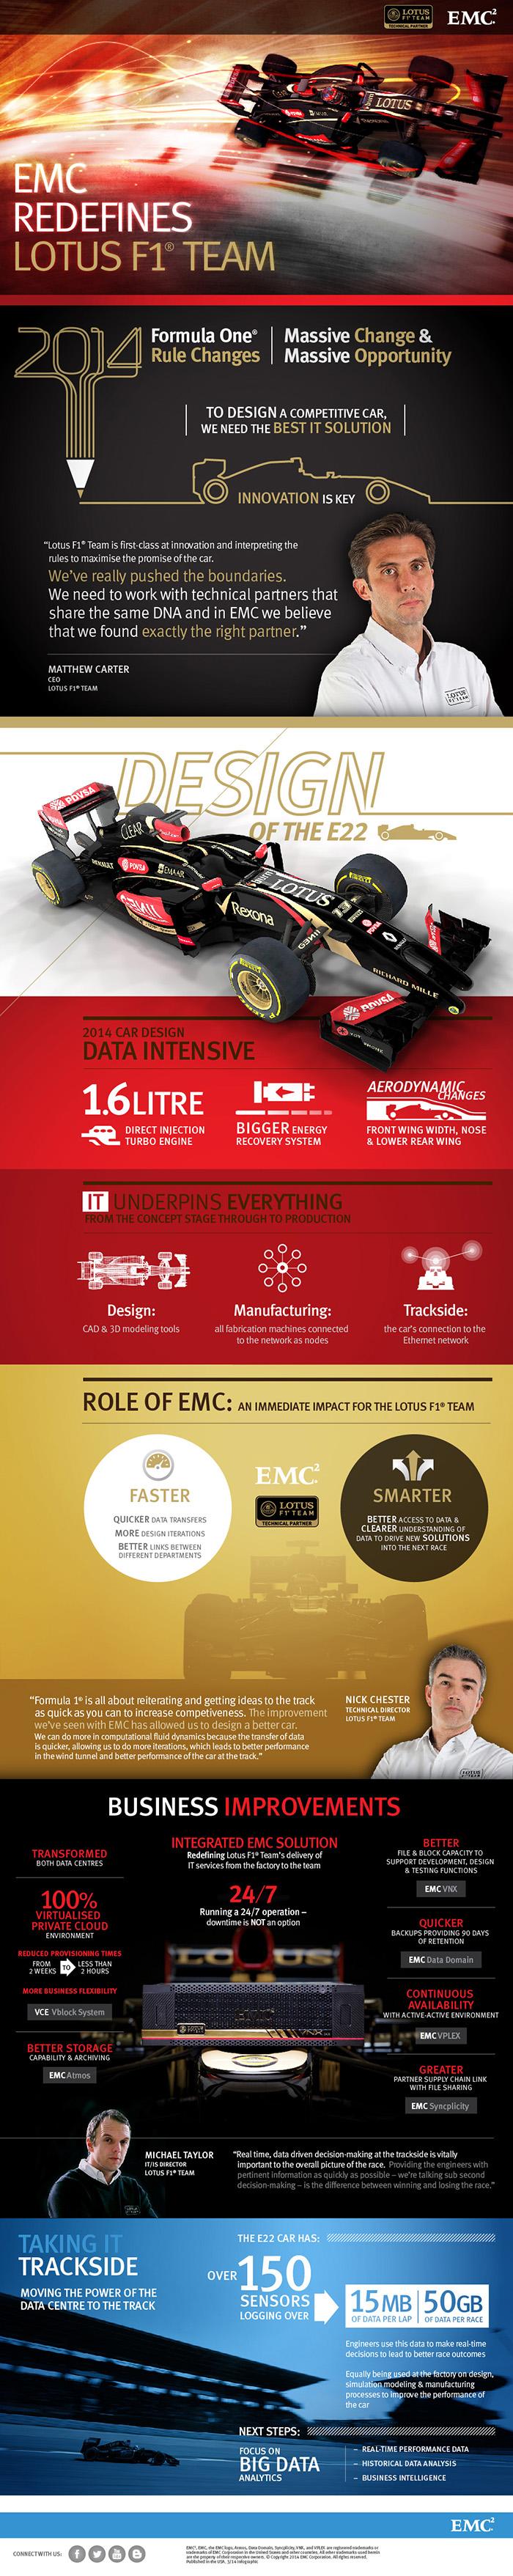 EMC Redefines Lotus F1 Team